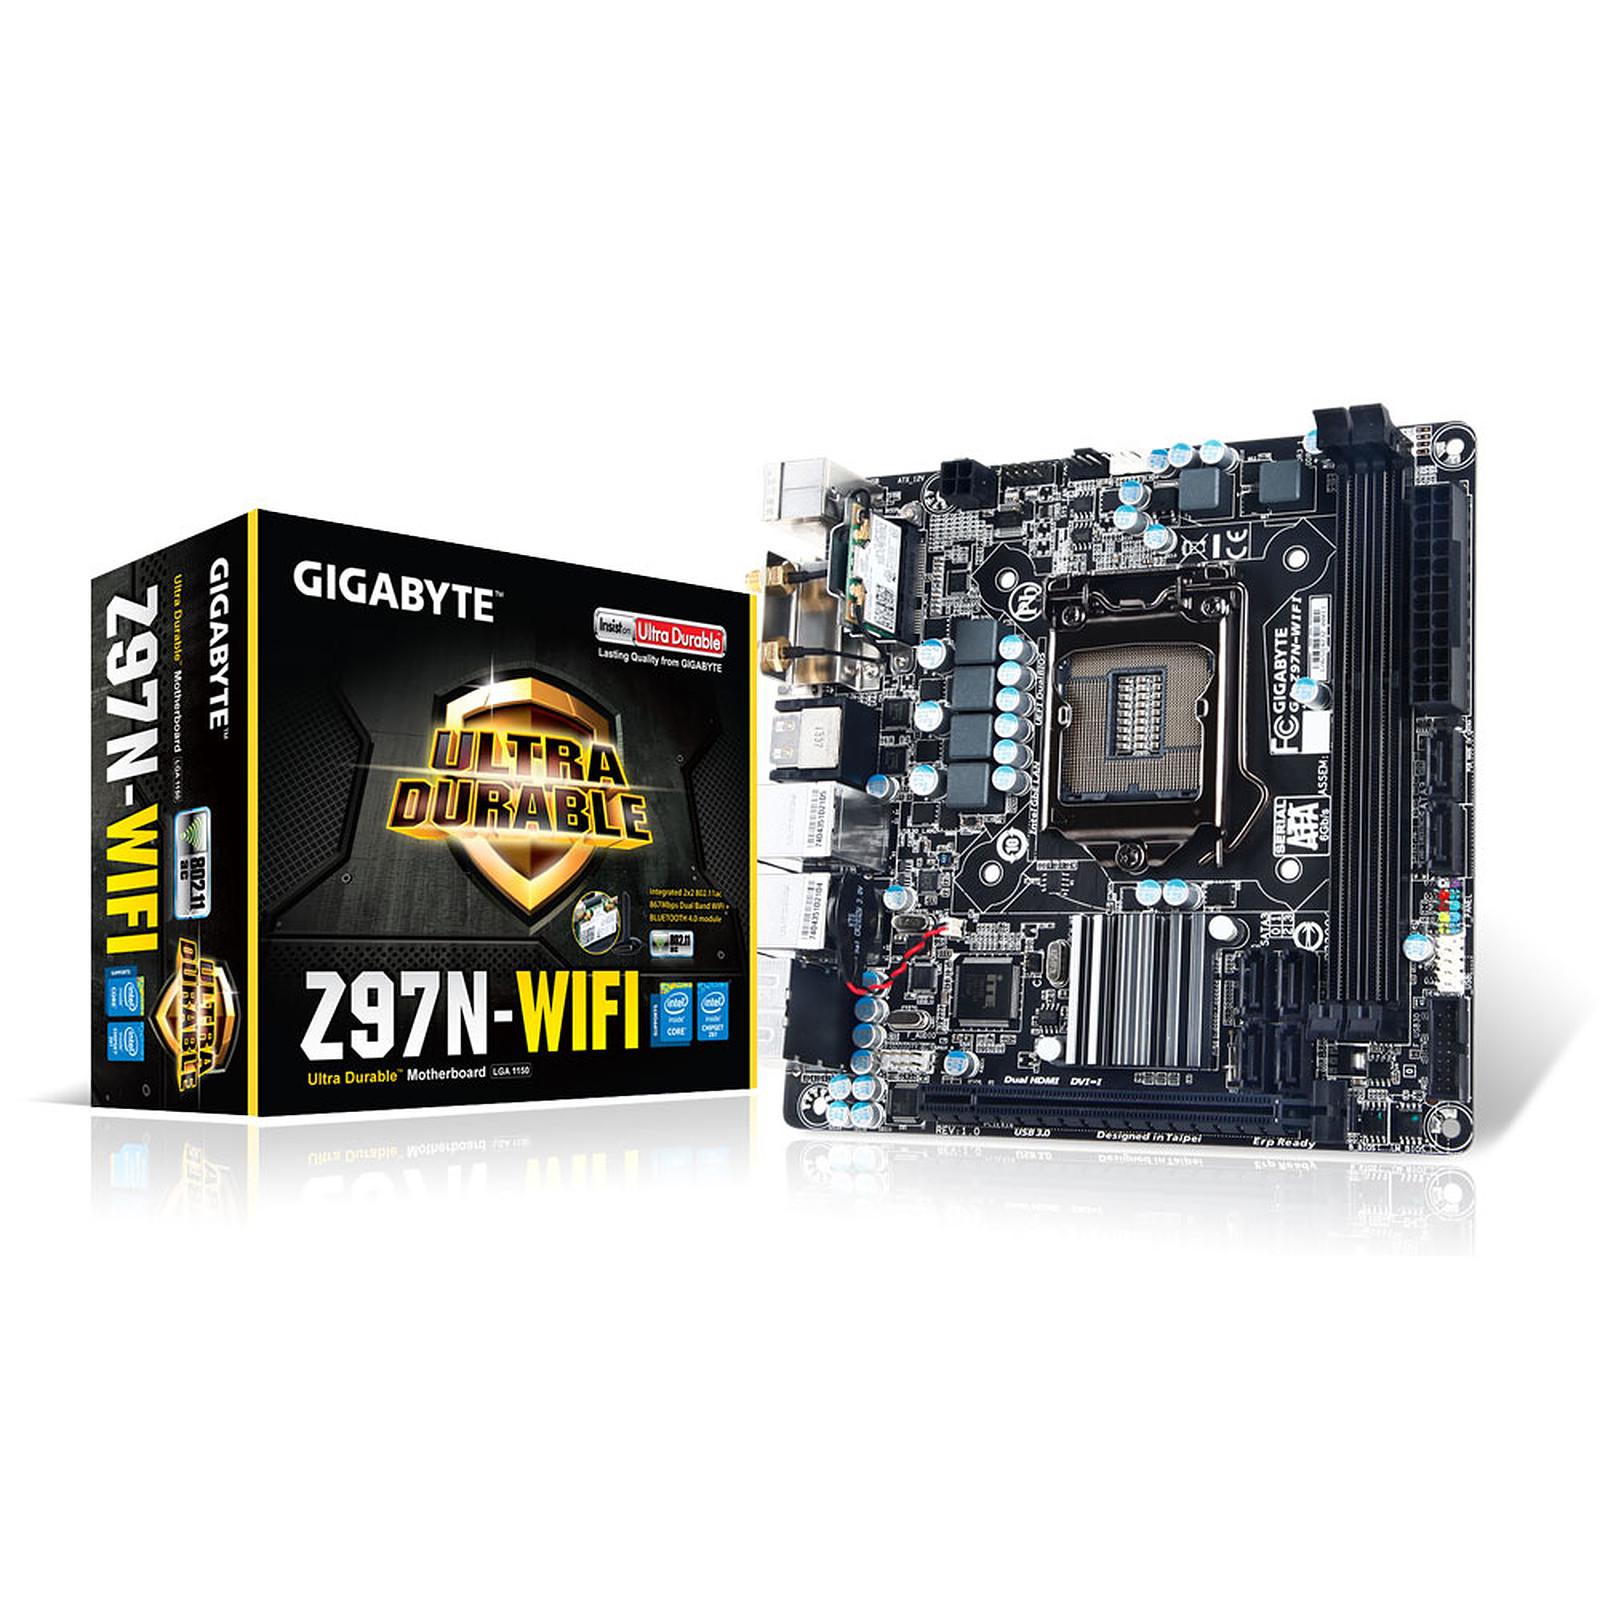 Gigabyte GA-Z97N-WIFI